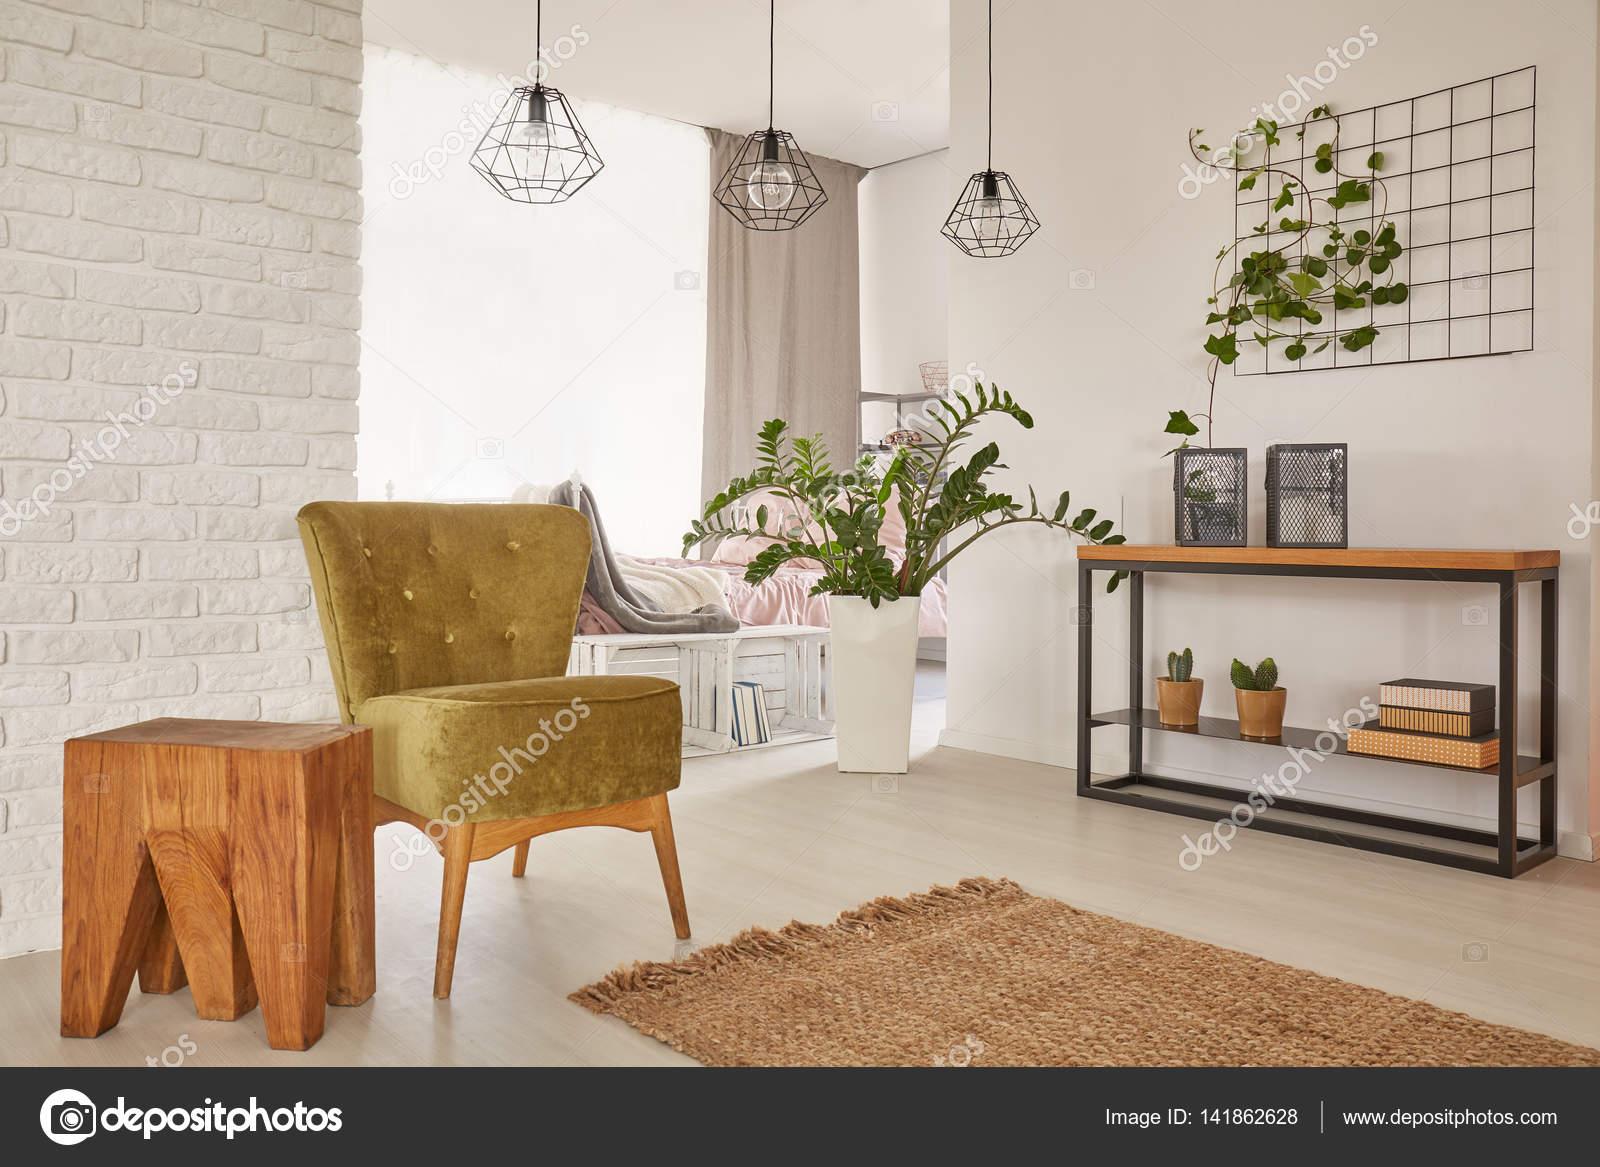 Wohnung Mit Erdigen Farben Konzipiert Stockfoto C Photographee Eu